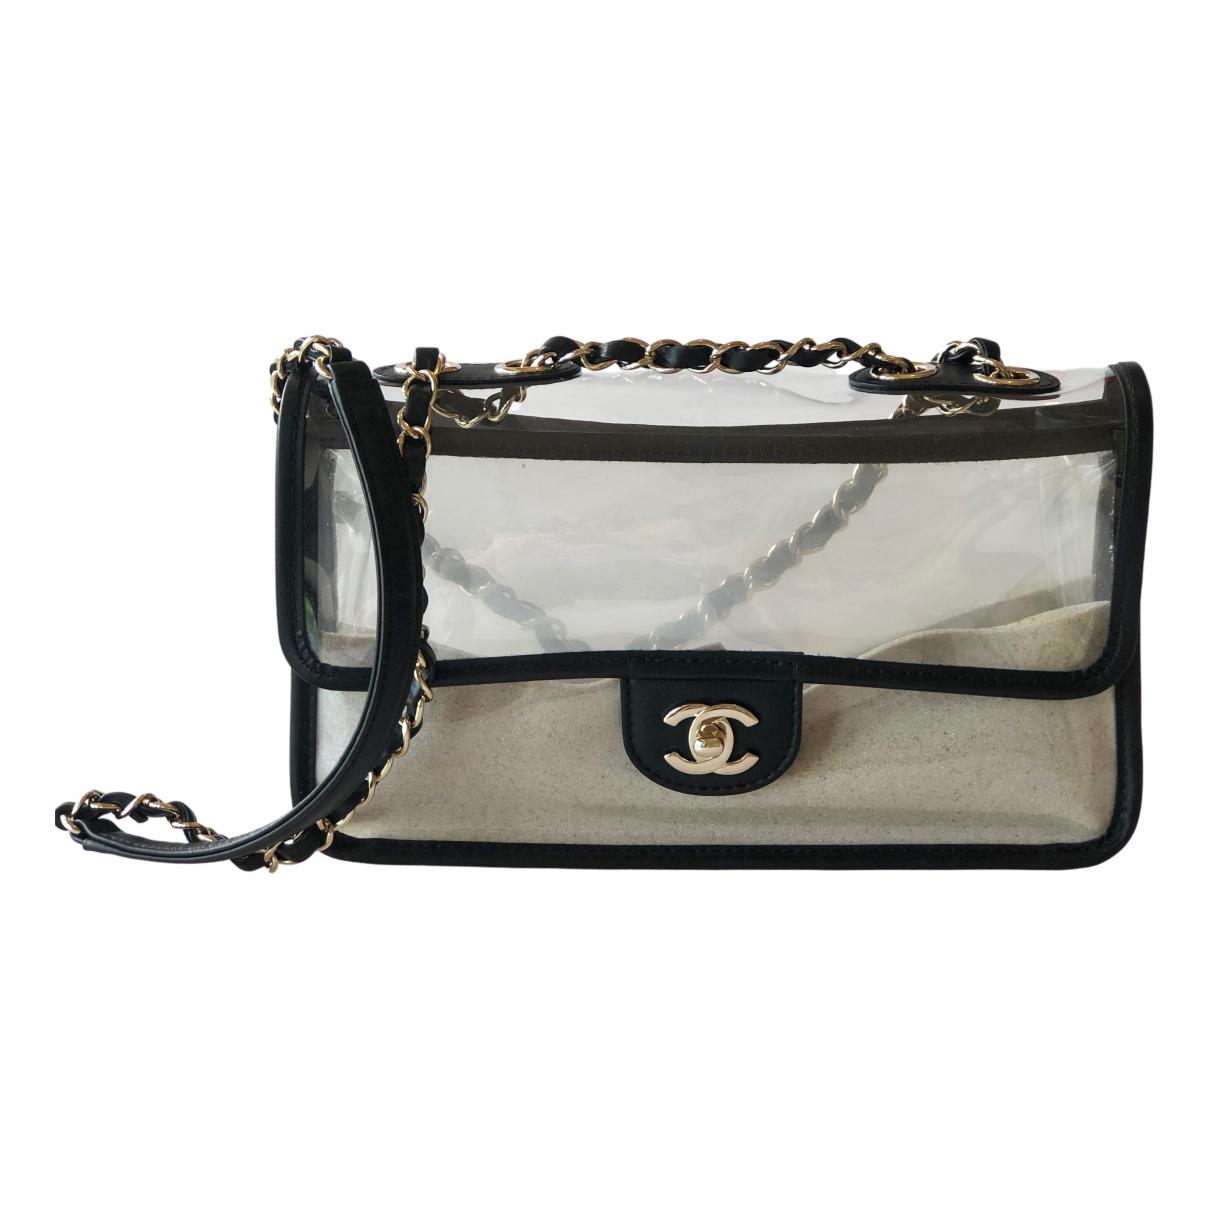 Chanel Timeless/Classique Handtasche in  Beige Kunststoff